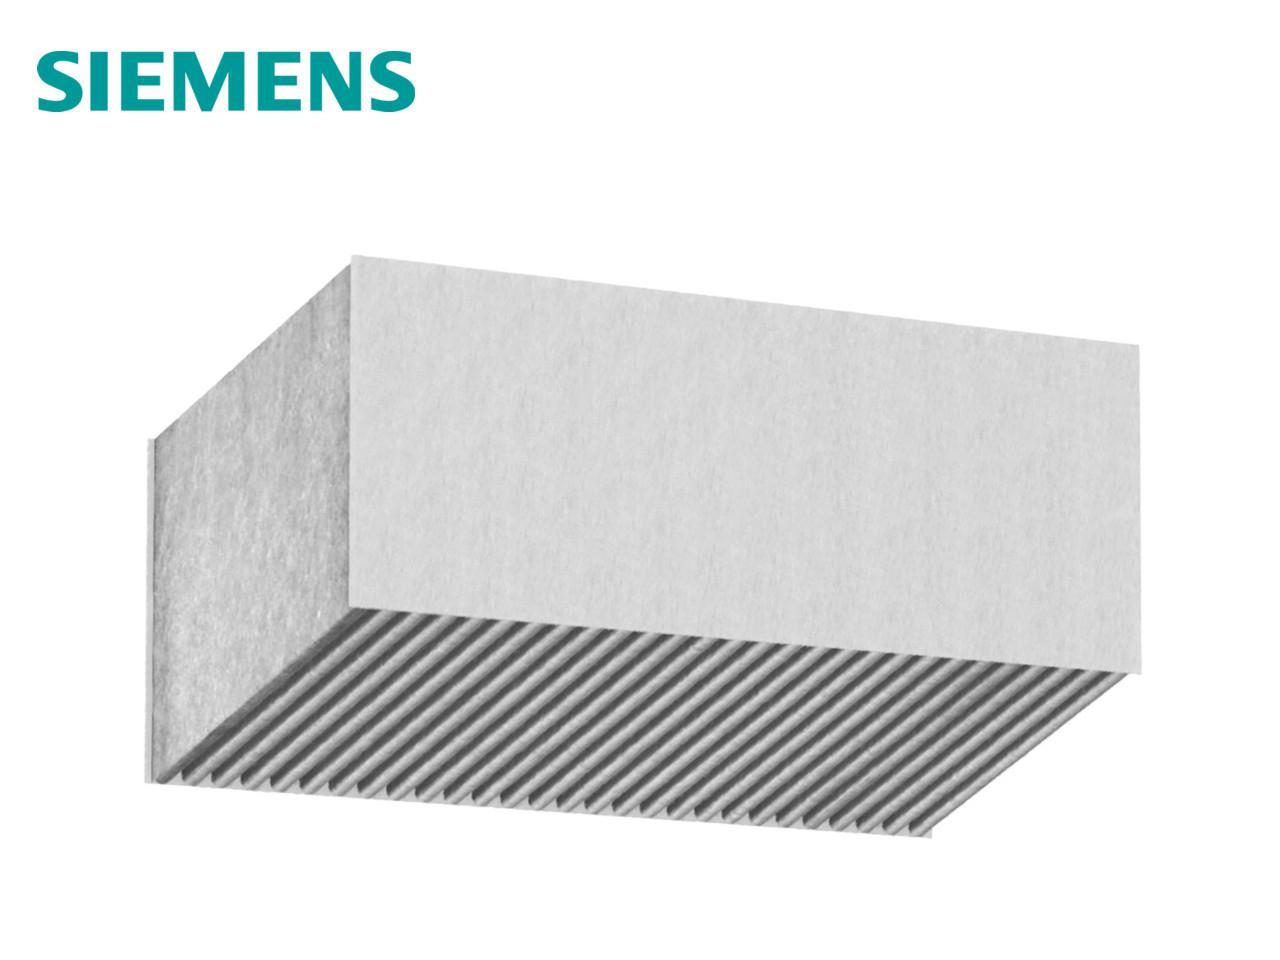 SIEMENS LZ56200, uhlíkový filtr pro digestoř